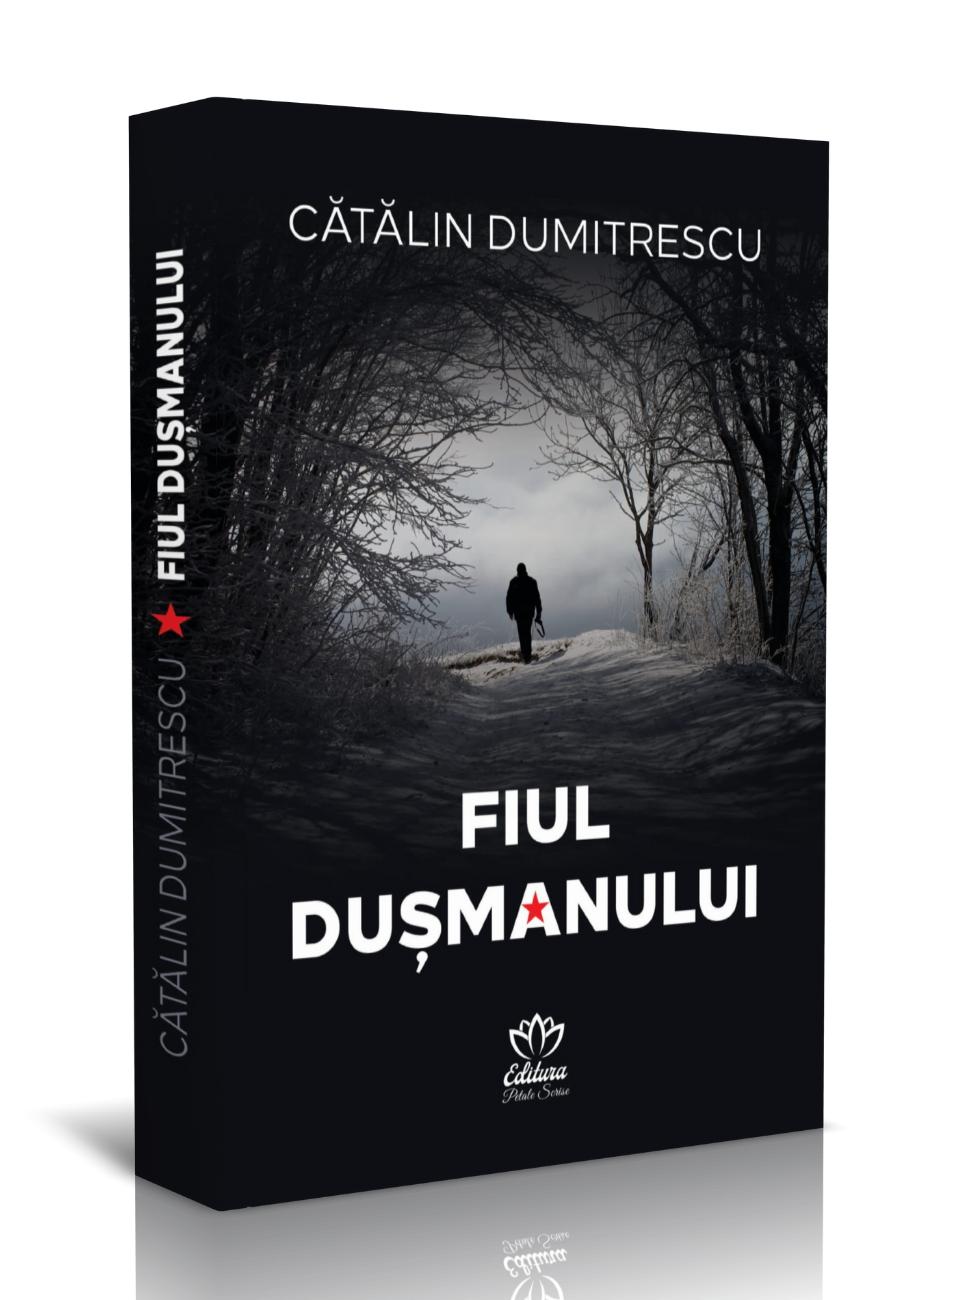 """Fiul dușmanului – Cătălin Dumitrescu – recenzie La o """"ceașcă"""" de carte cu Naty Budu-Grati"""